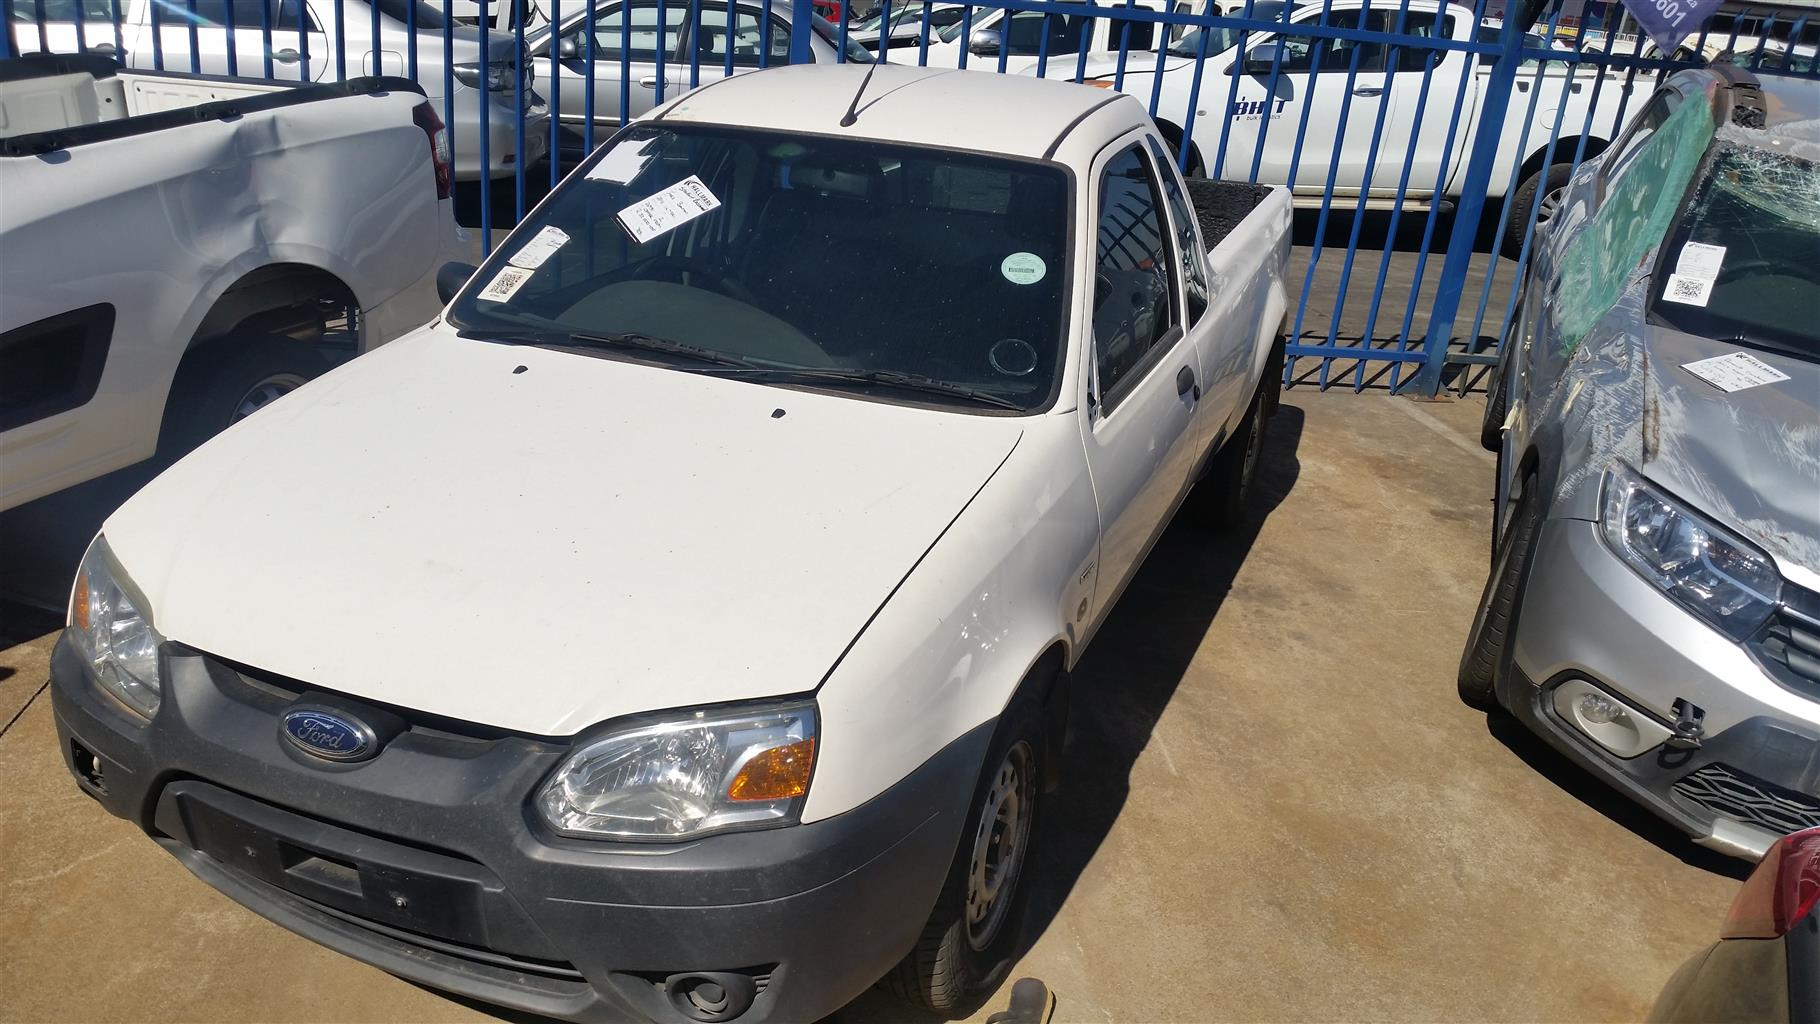 Ford Bantam 2010 1.4 TDCI (REF 24981)